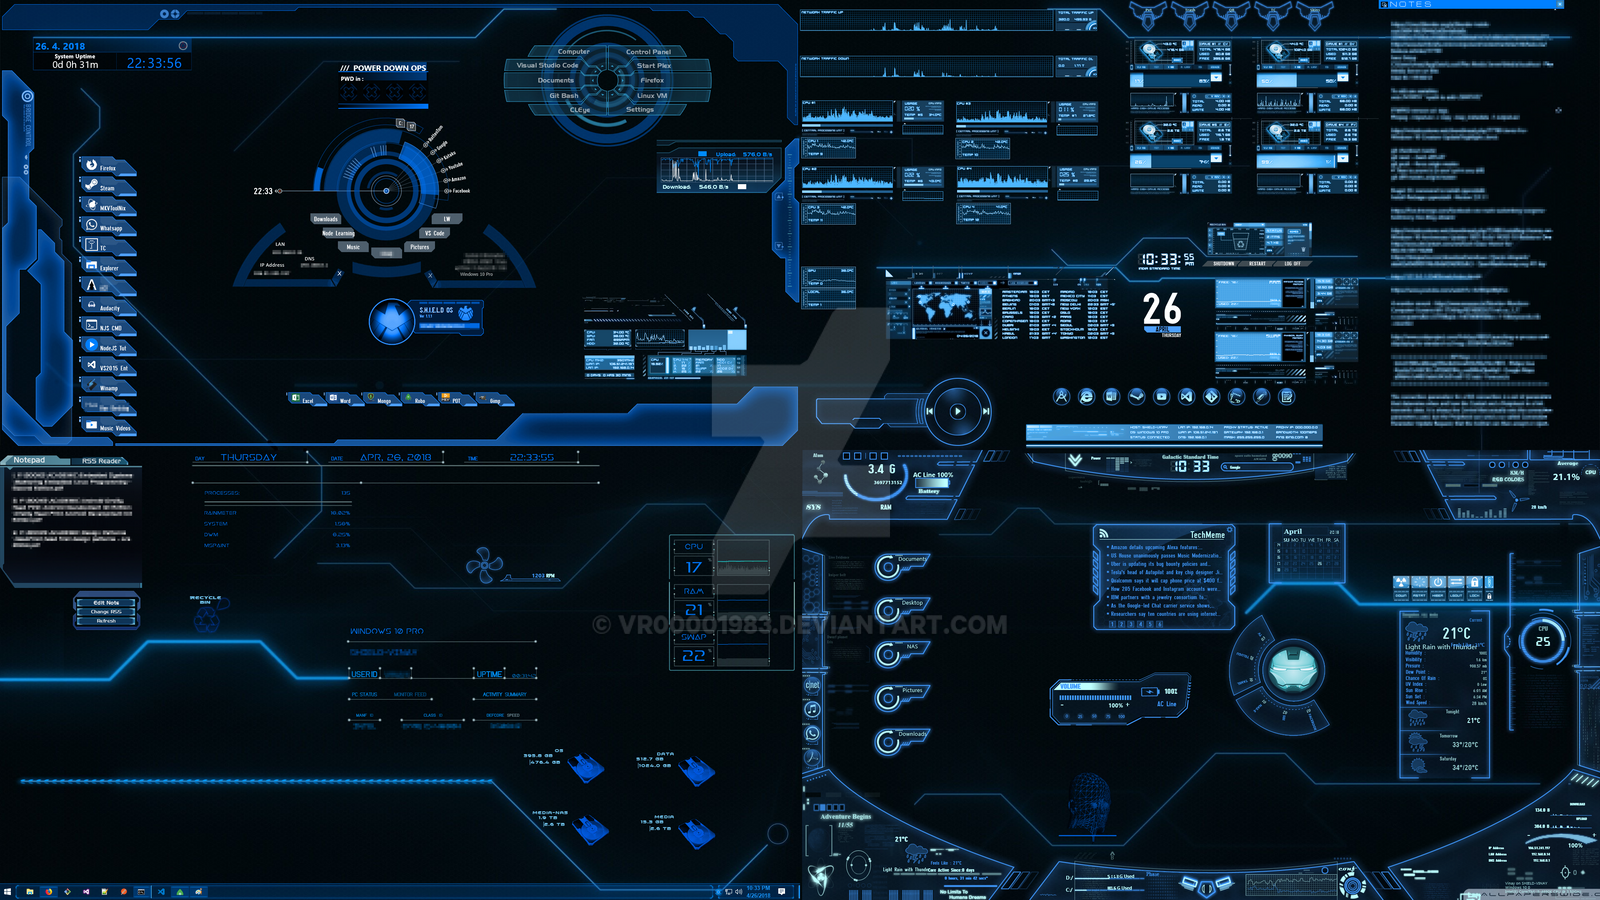 4K J A R V I S Desktop by vr00001983 on DeviantArt